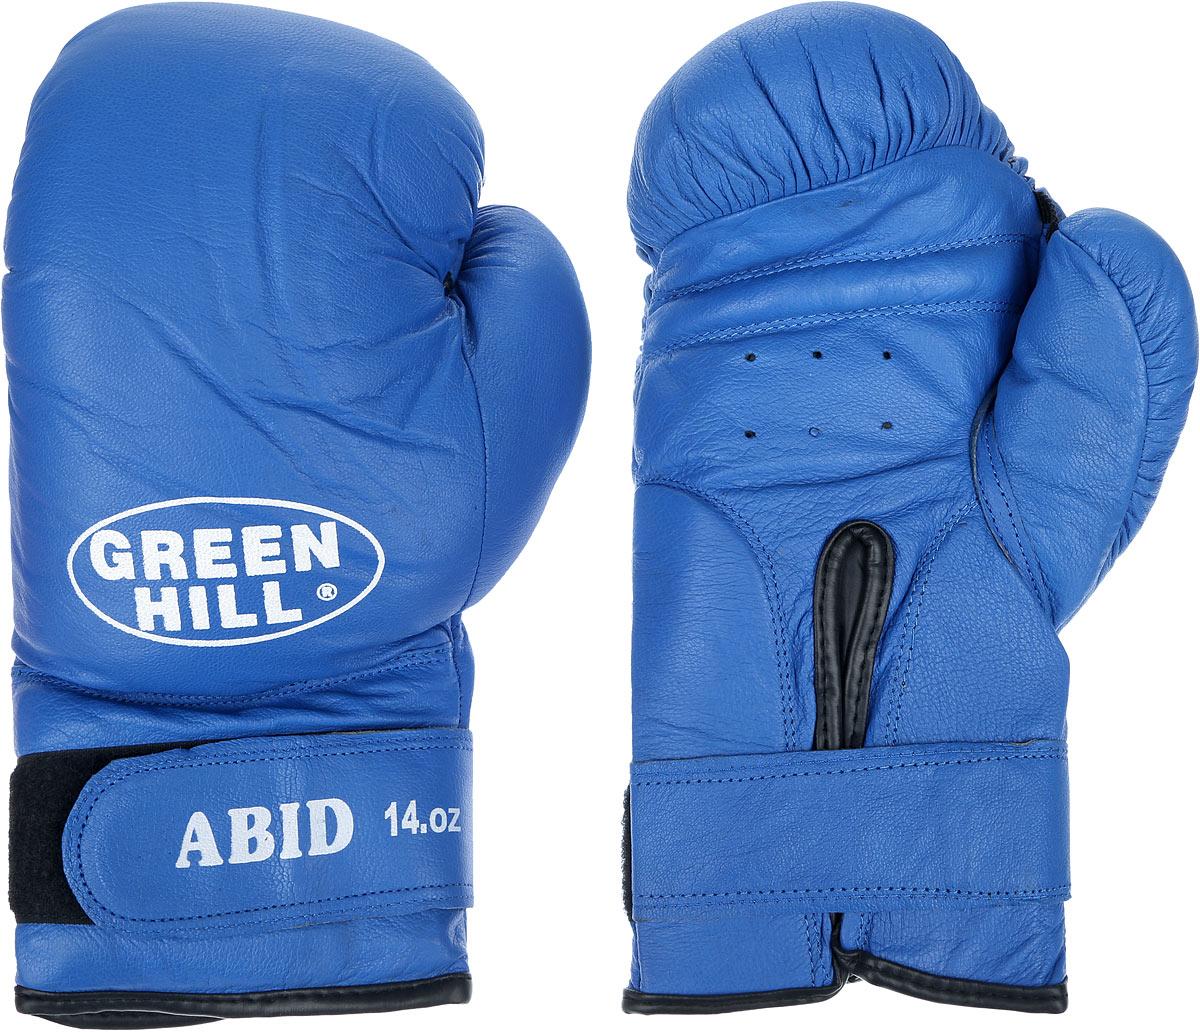 Перчатки боксерские Green Hill Abid, цвет: синий, белый. Вес 14 унций канатрукав green hill для лазания 5 метров в спб